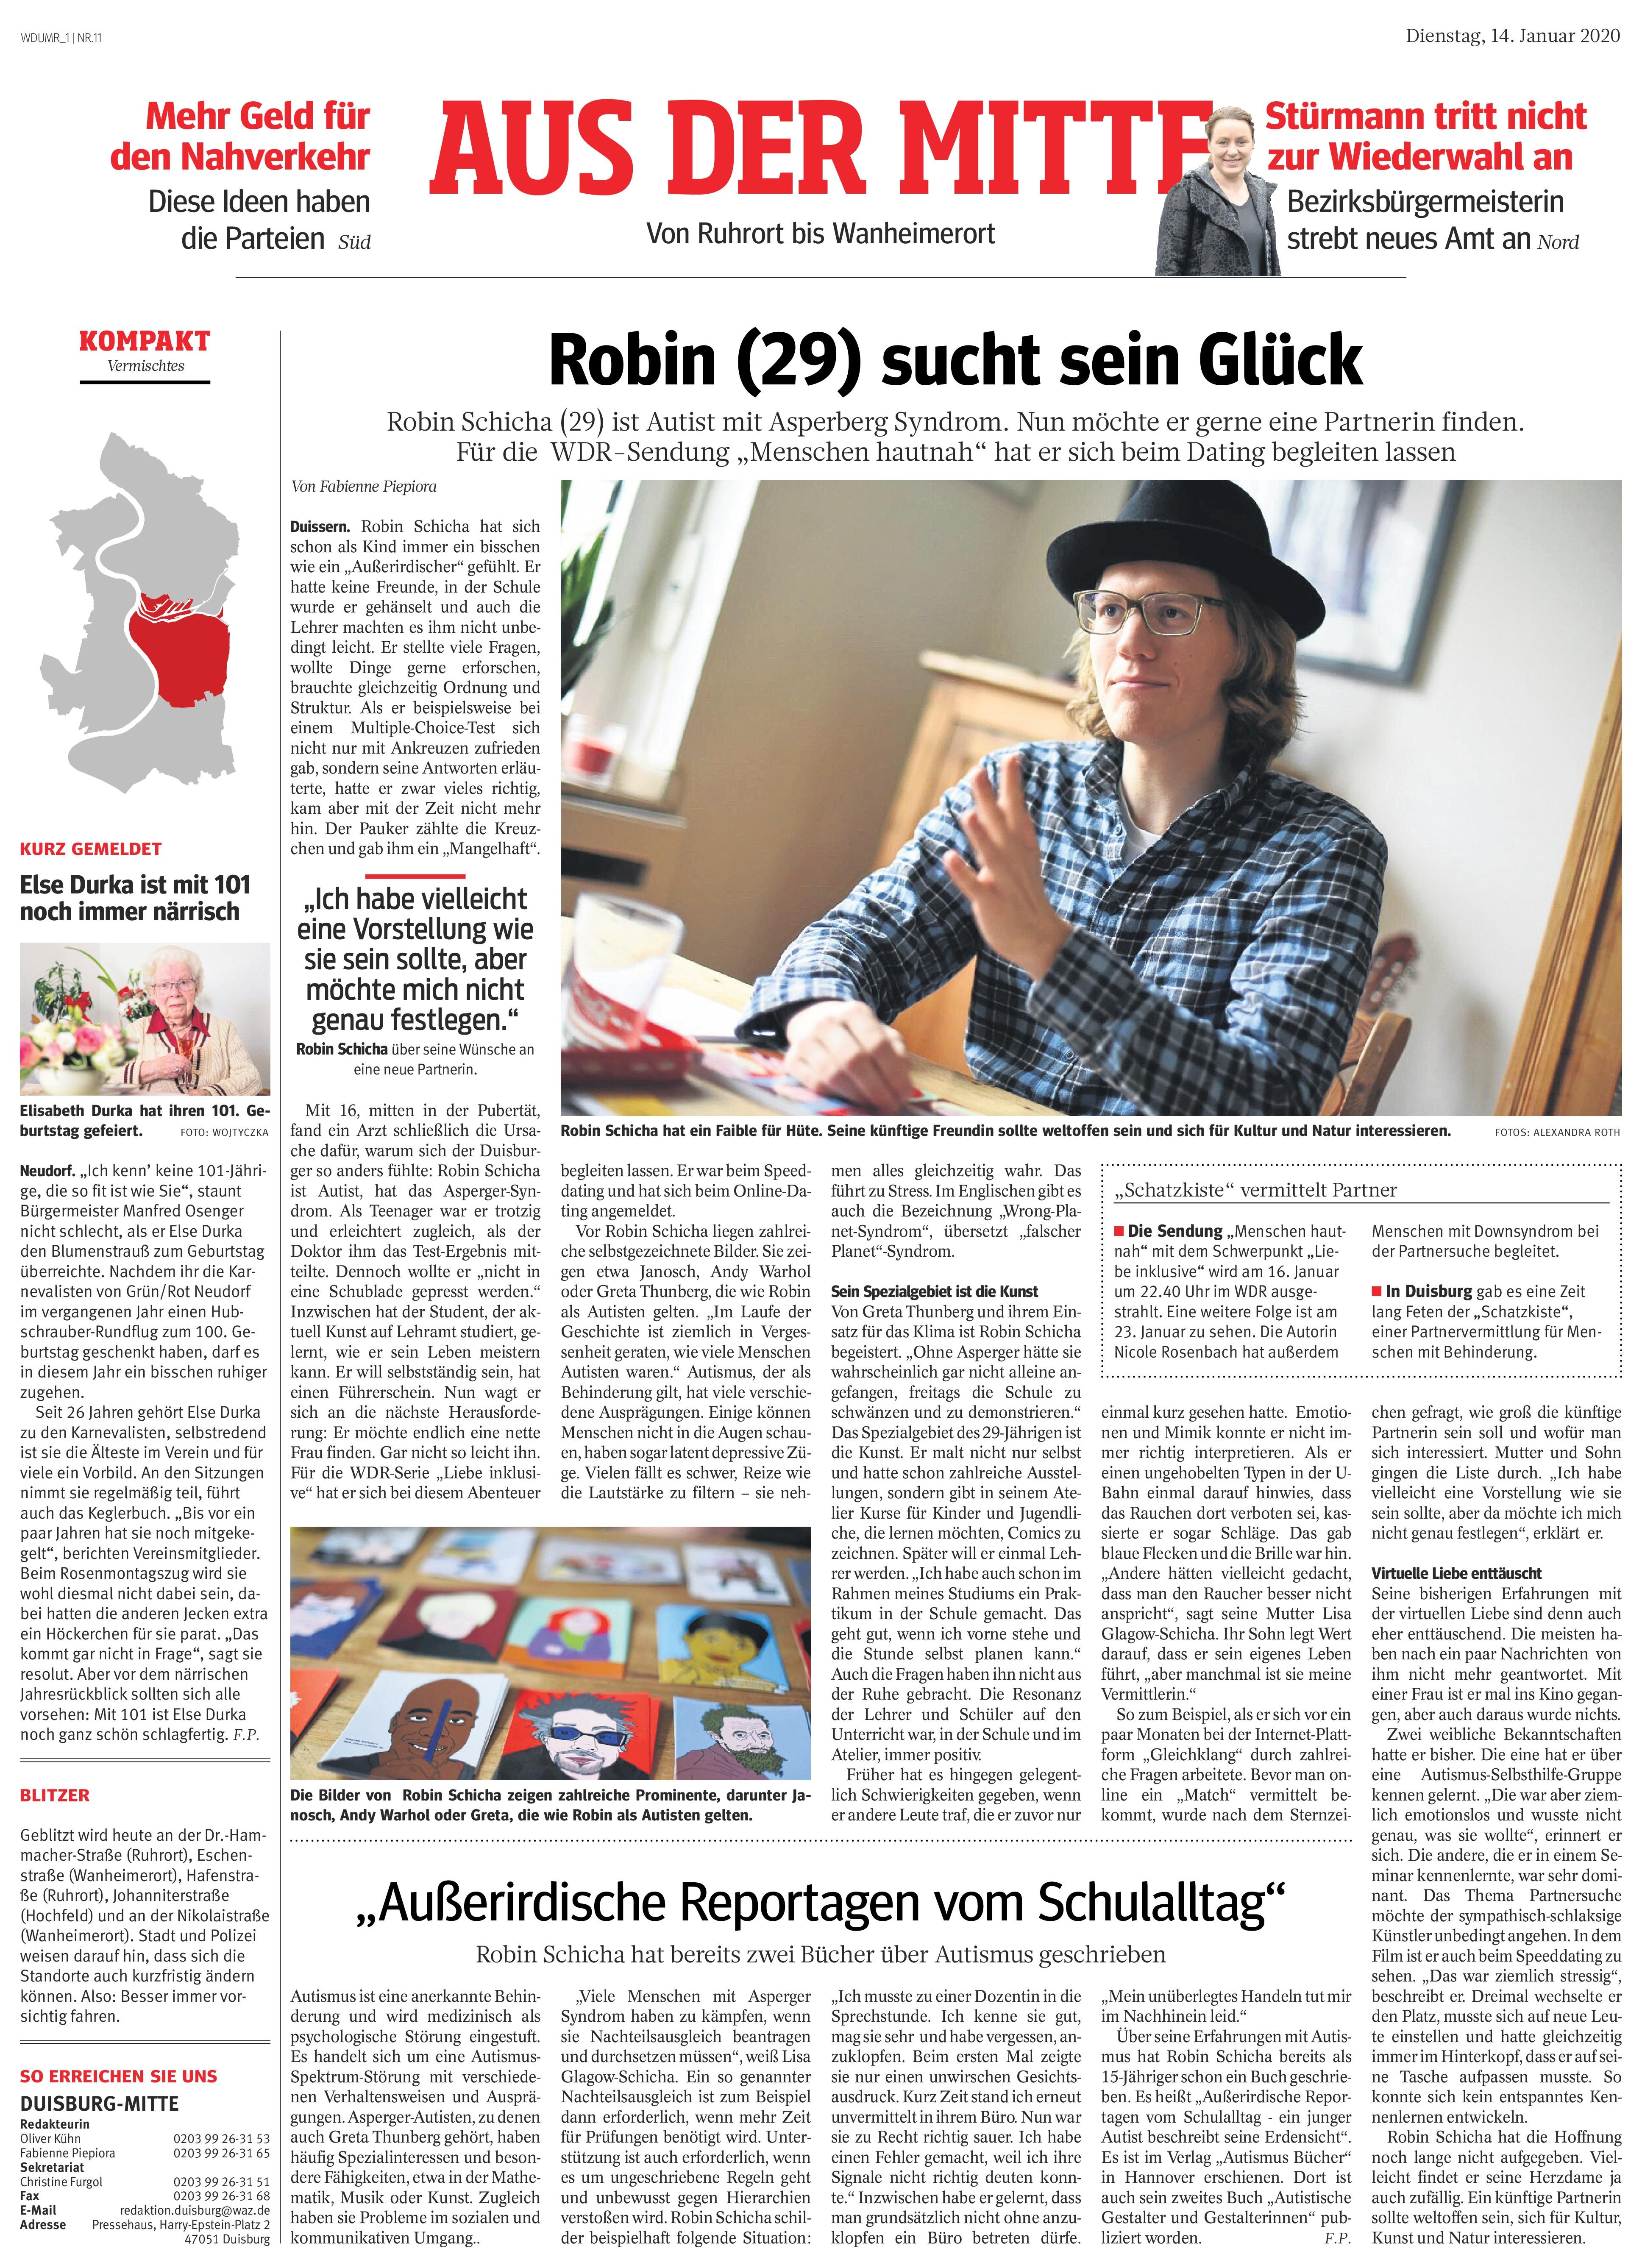 robinschicha-WAZ2020_1